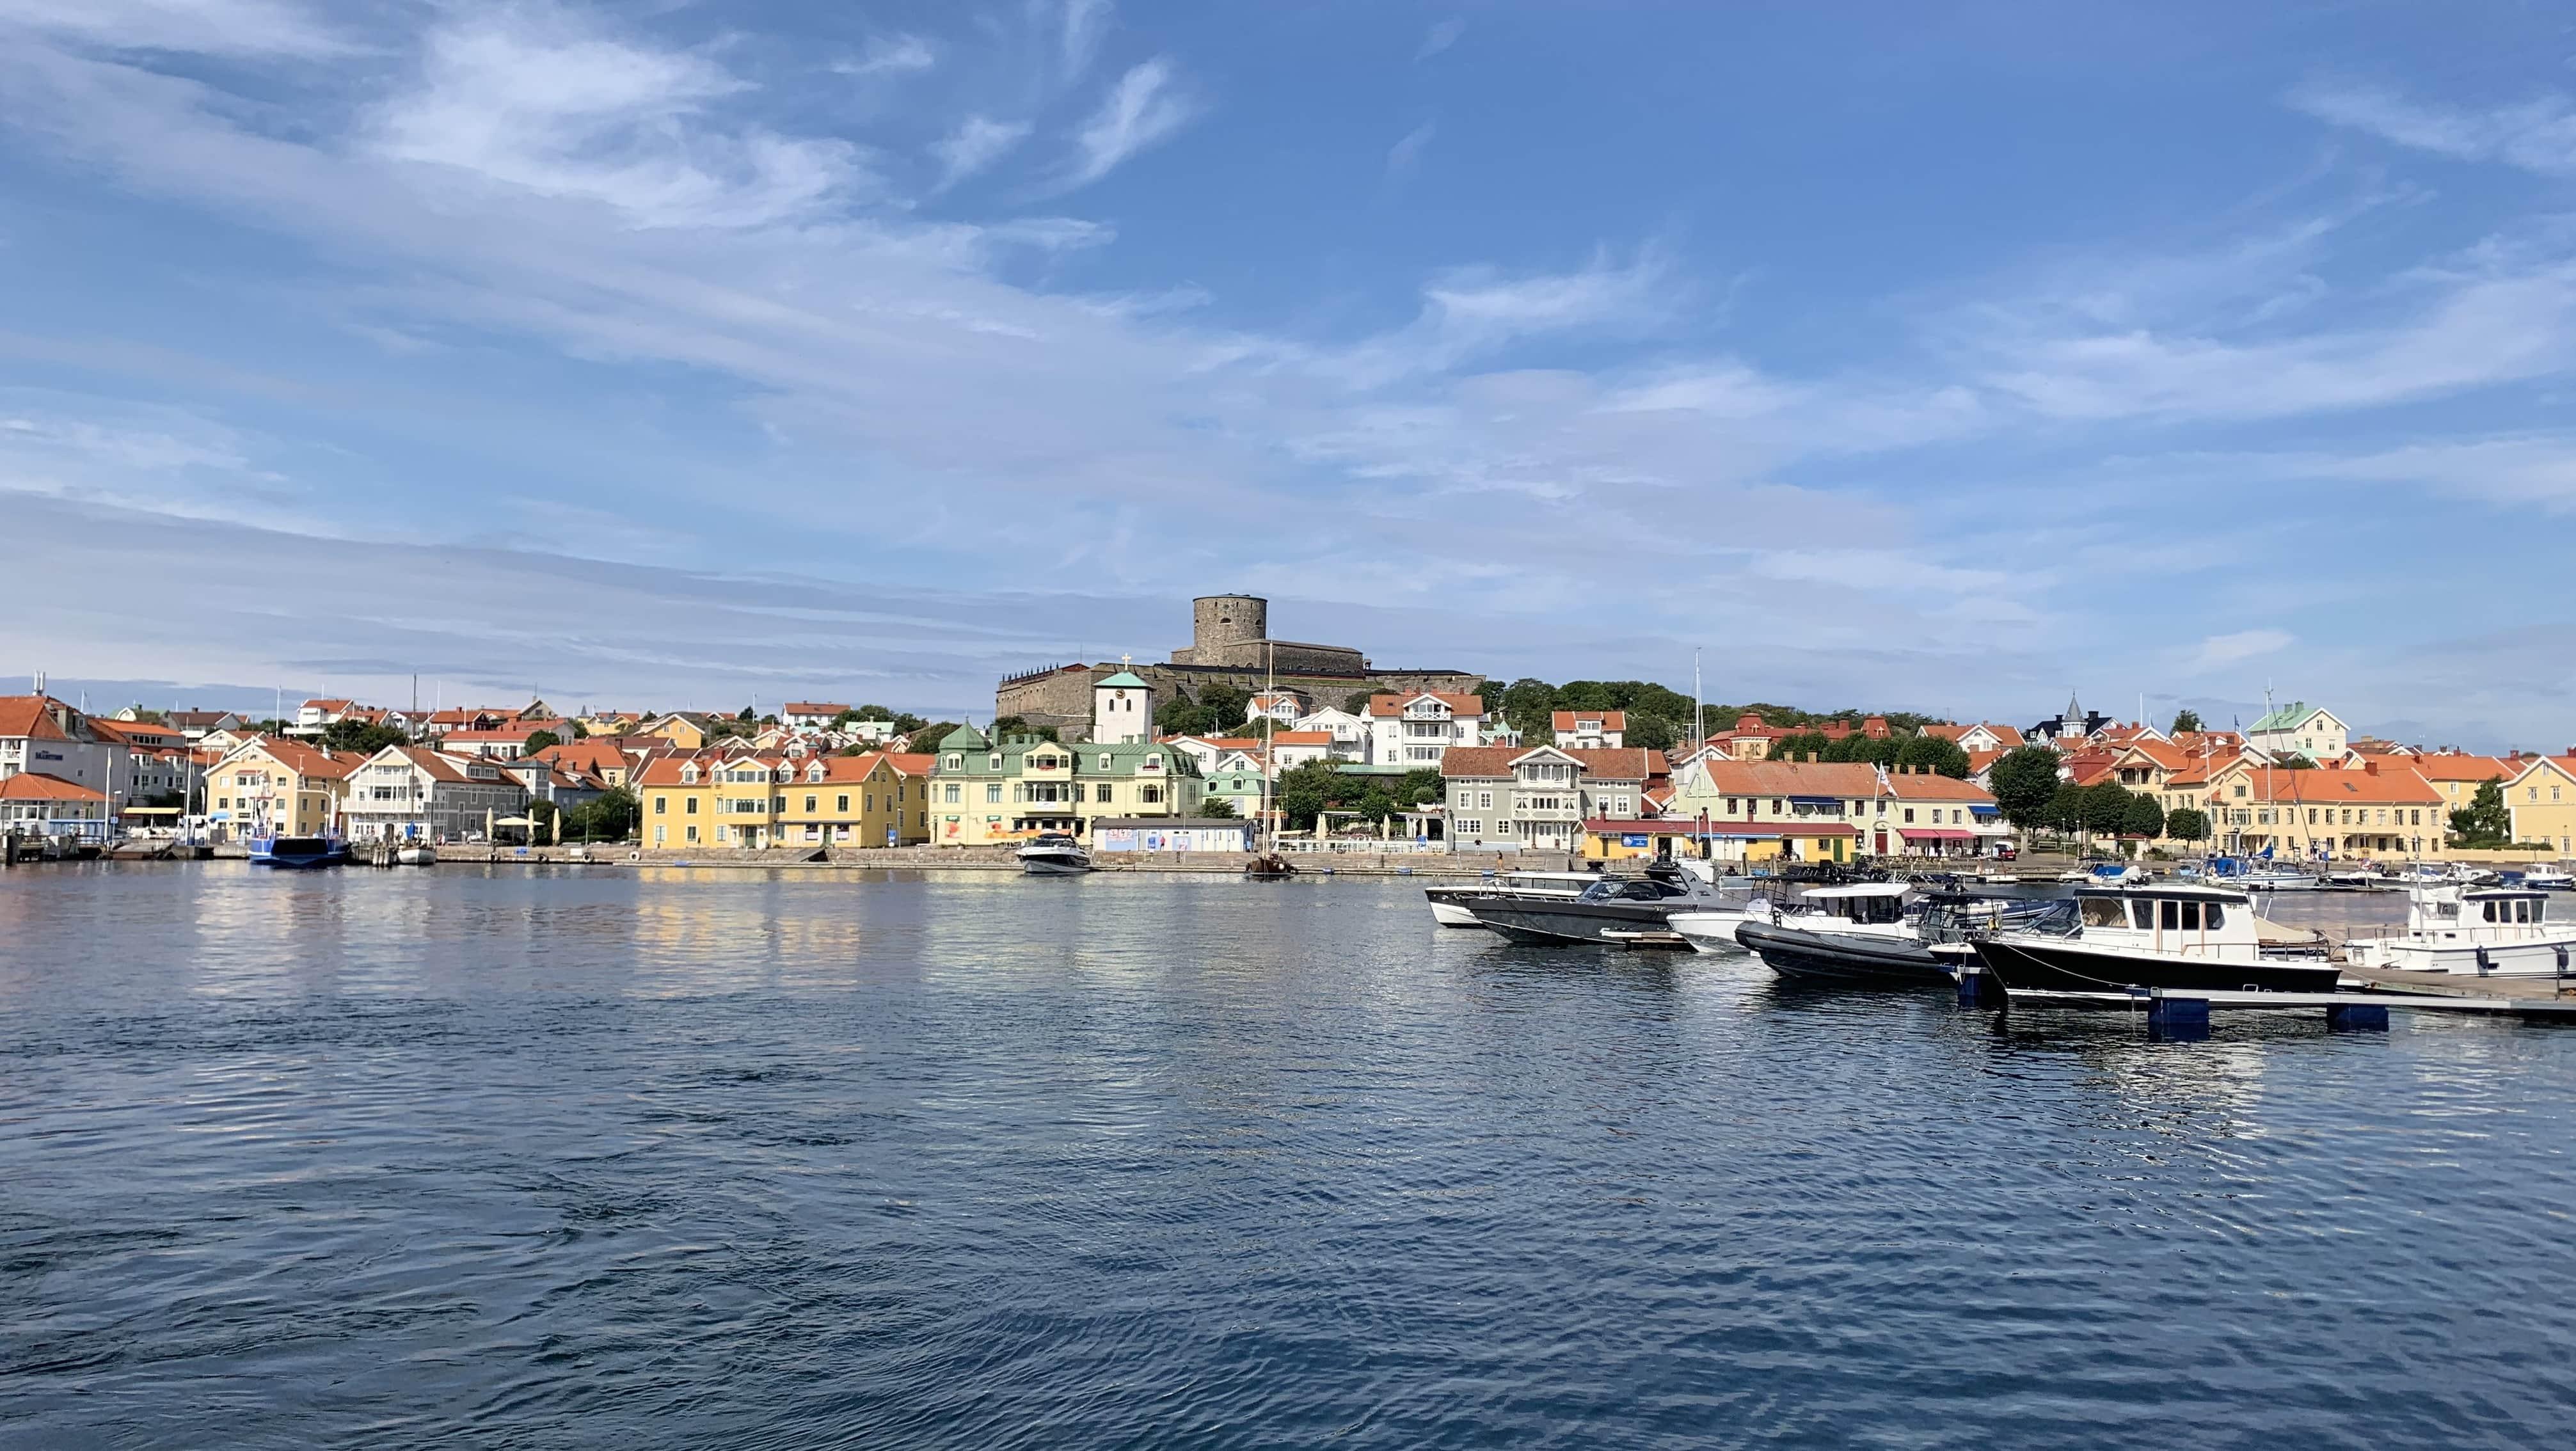 Drei Minuten dauert die Überfahrt von Koö nach Marstrand mit der Fähre. Die Burg Carlsten ist die bekannteste Sehenswürdigkeit der Insel.